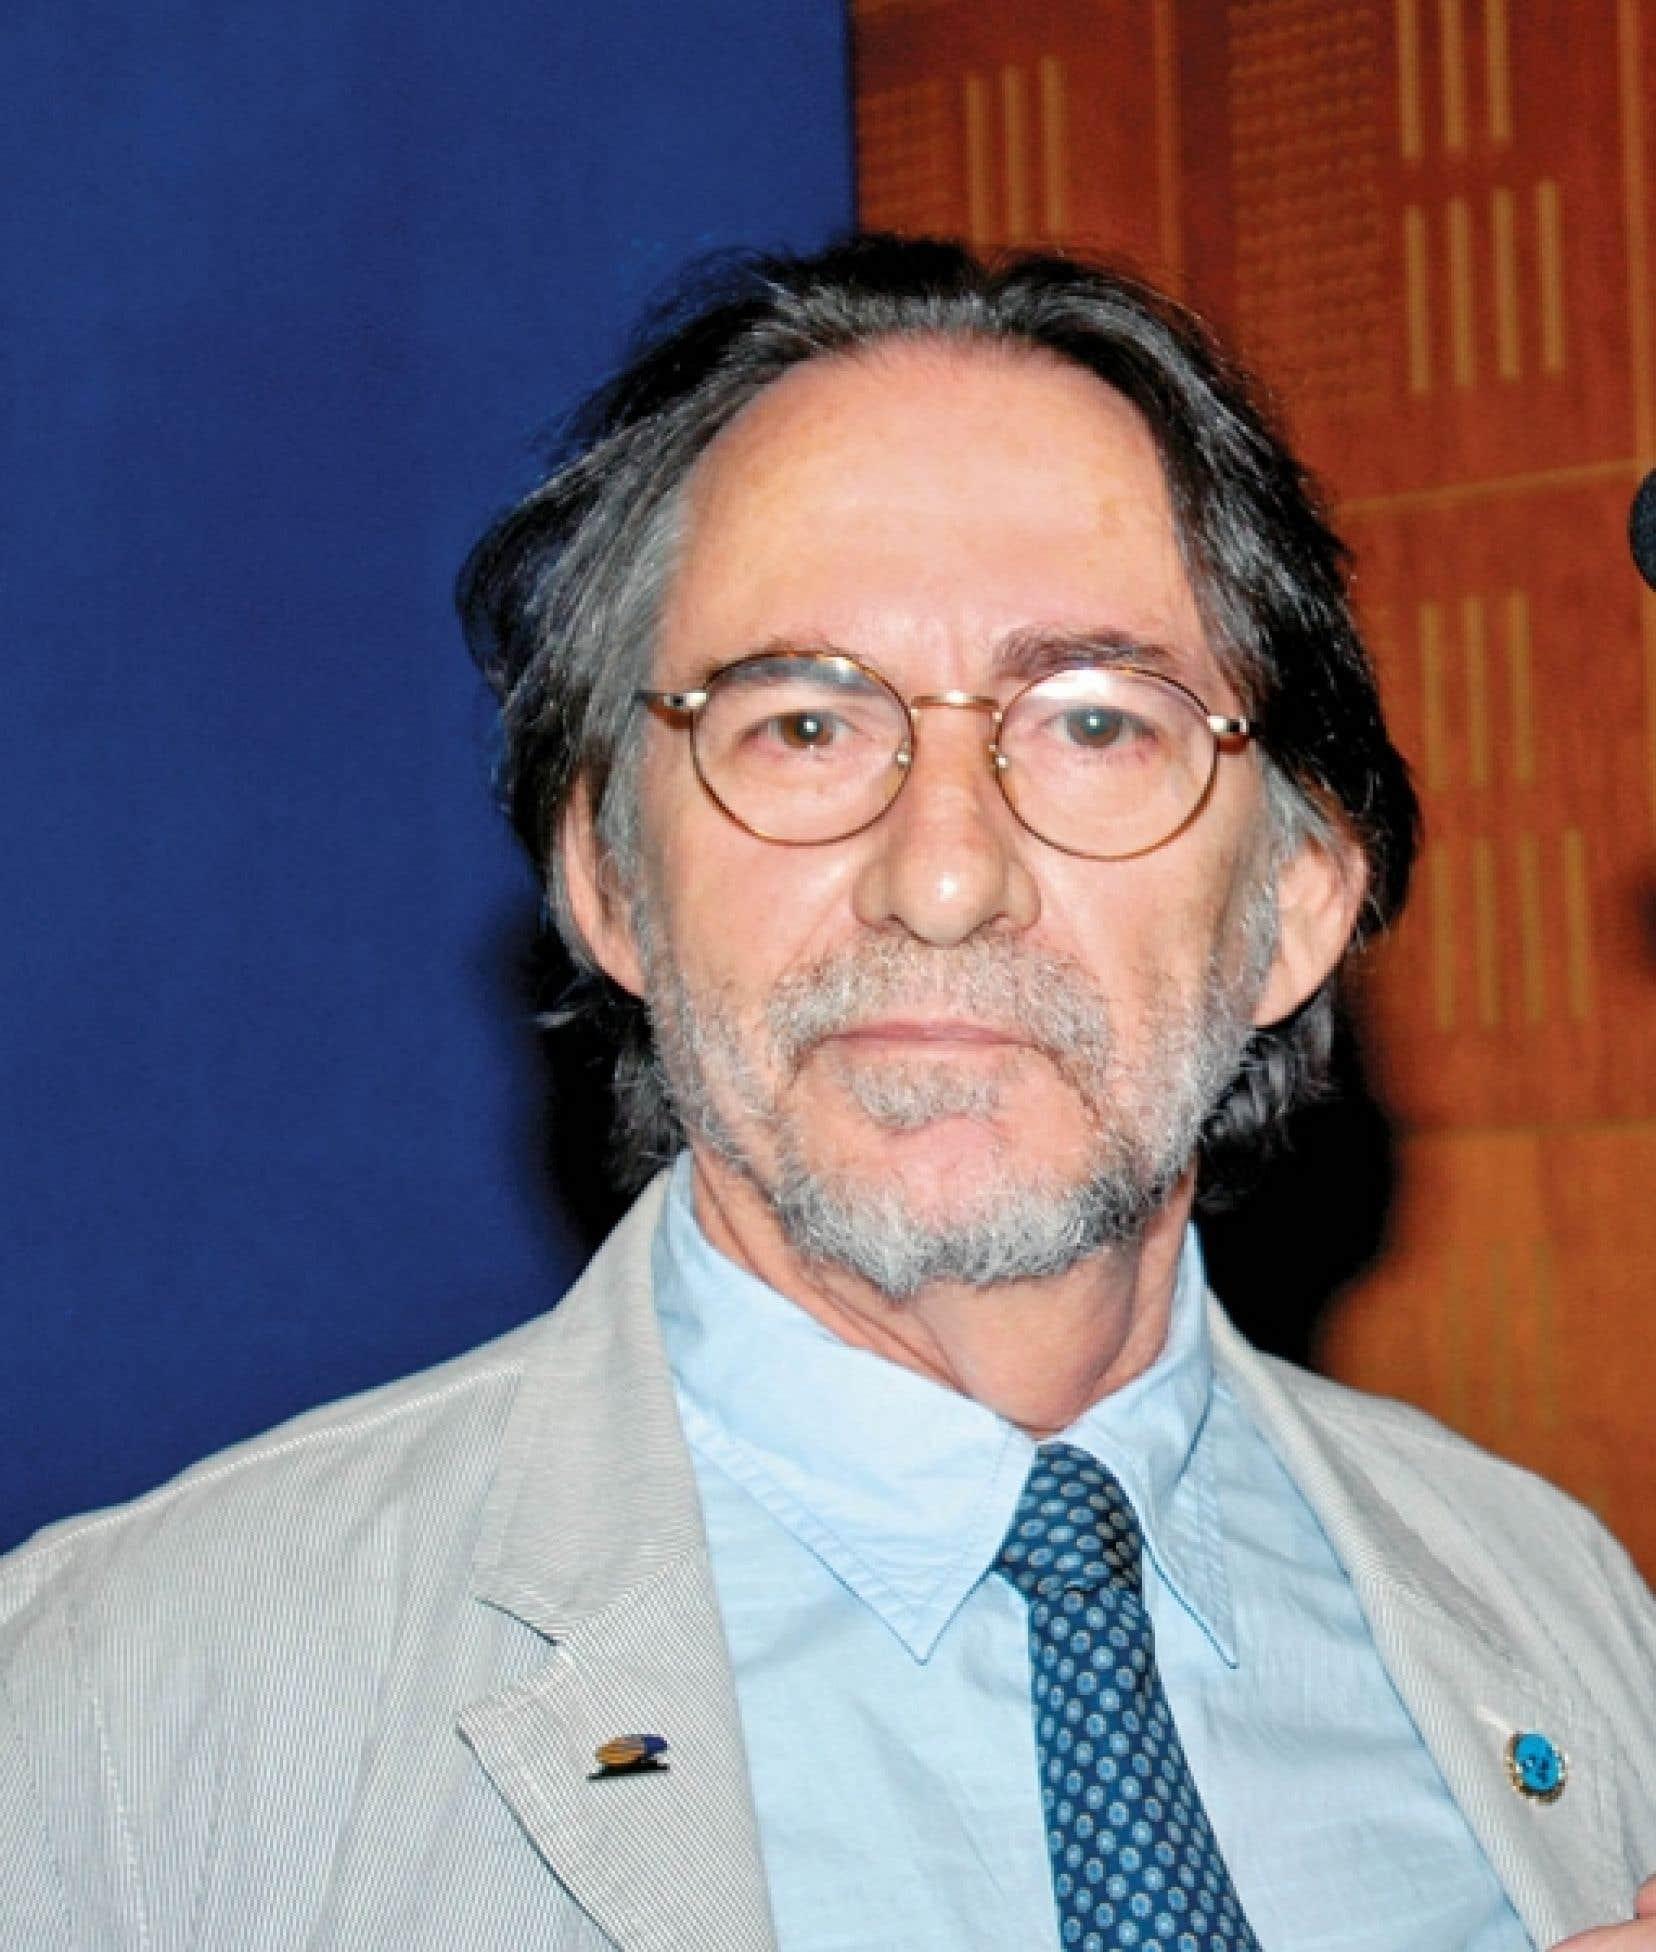 On pourrait croire que le fils de Roberto Rossellini allait forcément devenir cinéaste à part entière. Son sens critique en a décidé autrement.